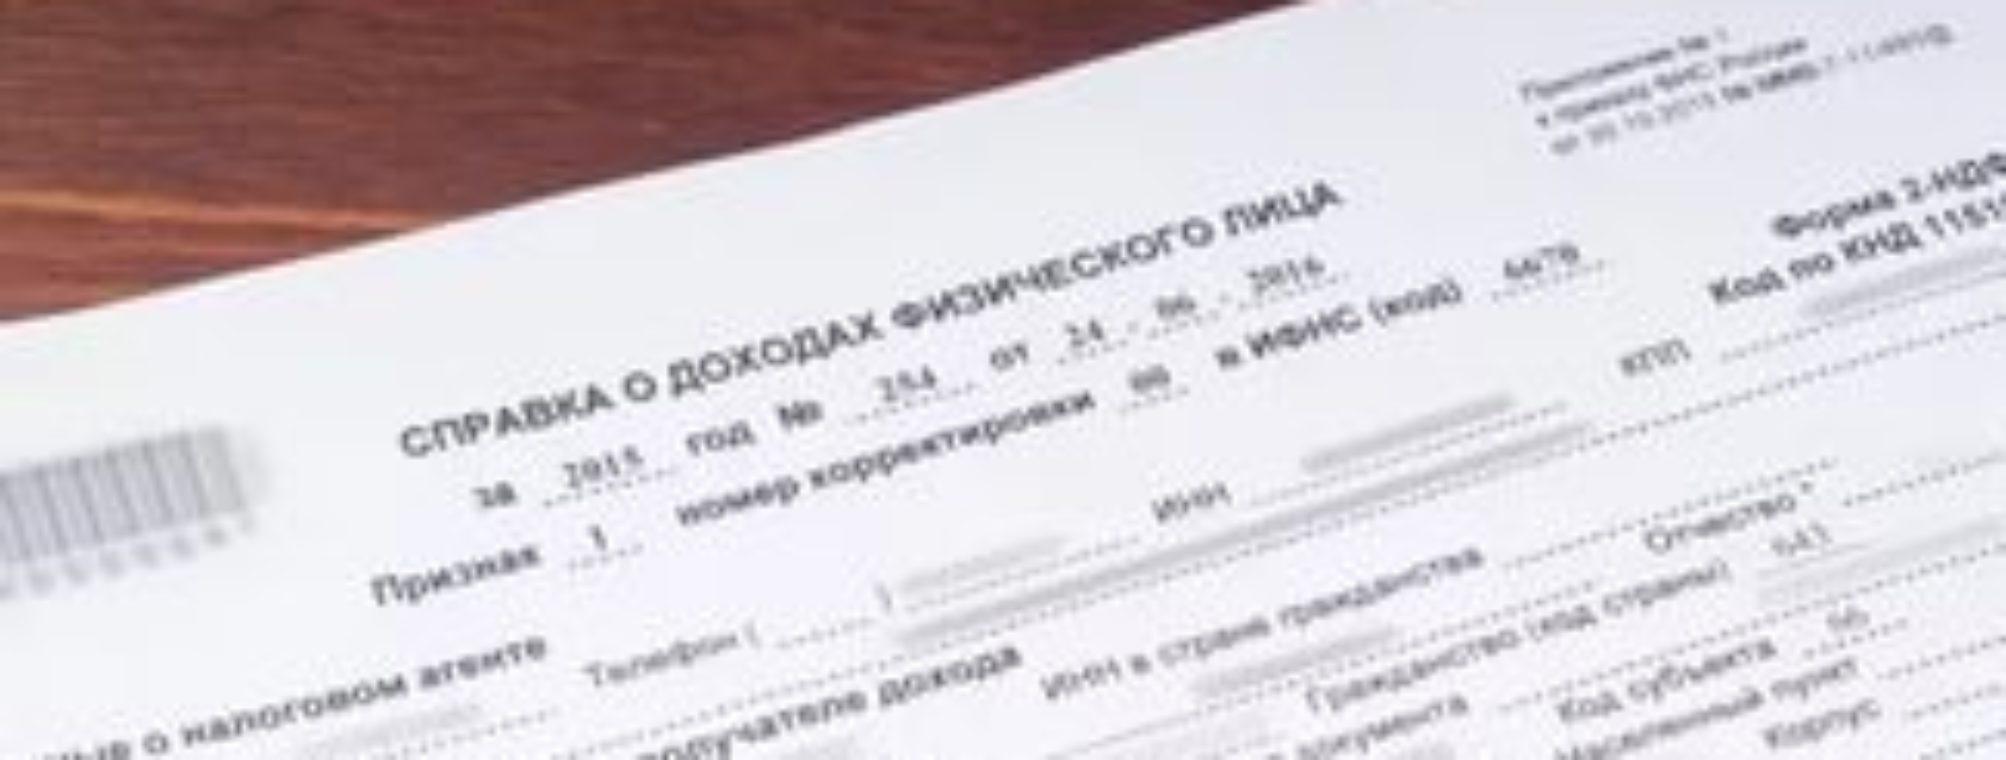 Упрощение получения гражданства рф для русскоязычных